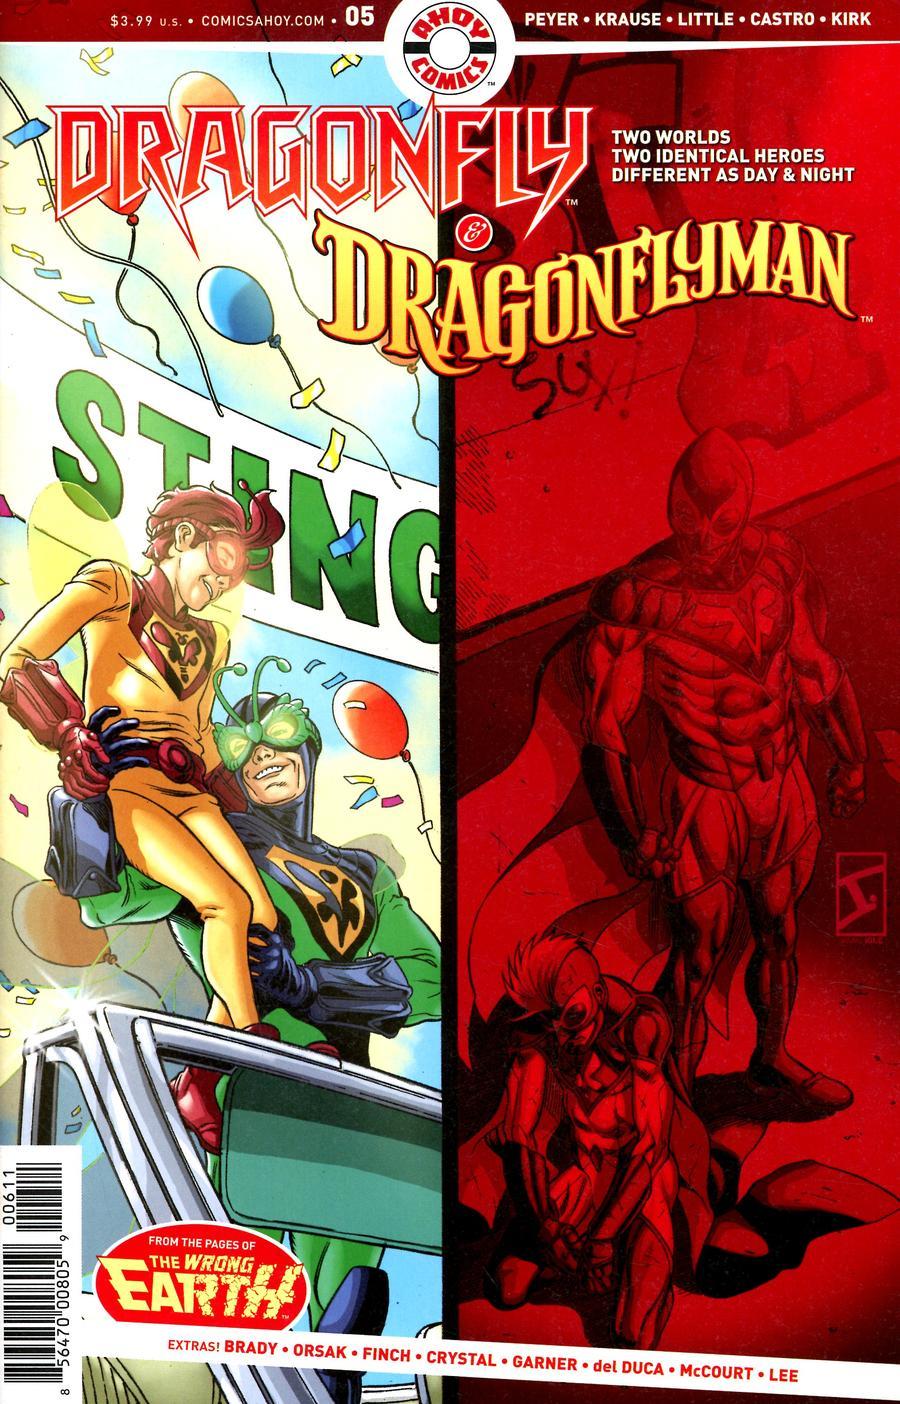 Dragonfly & Dragonflyman #5 (2020)